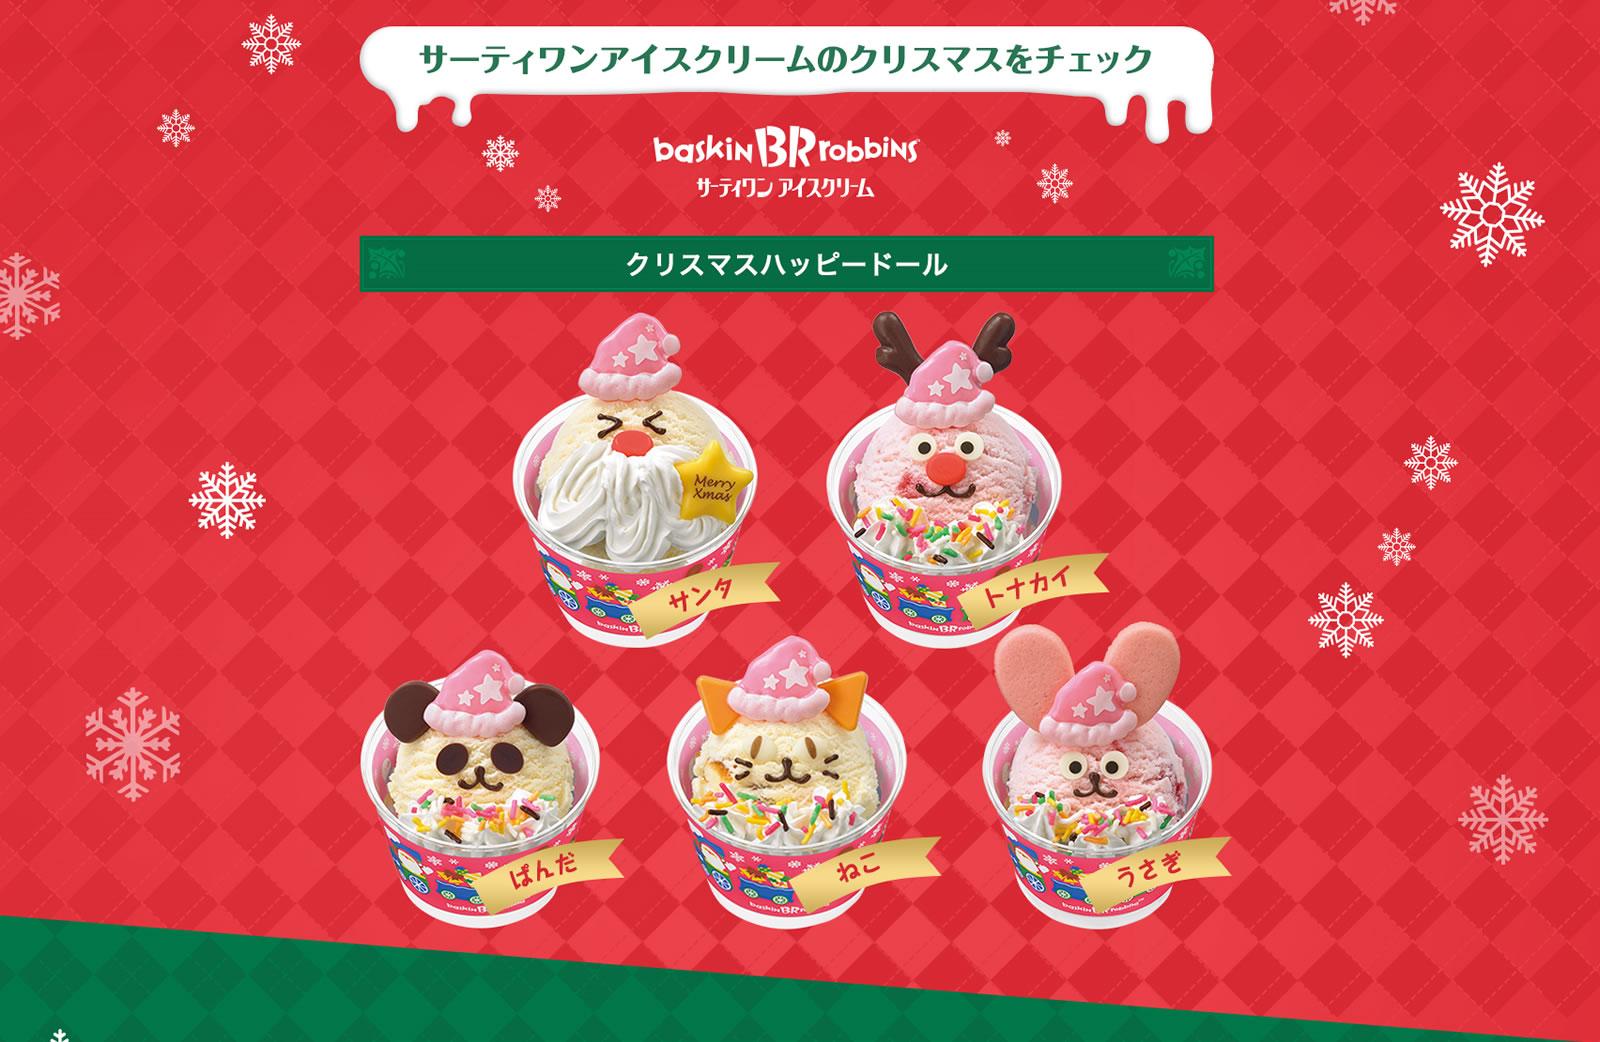 クリスマスサーティワンアイスクリーム